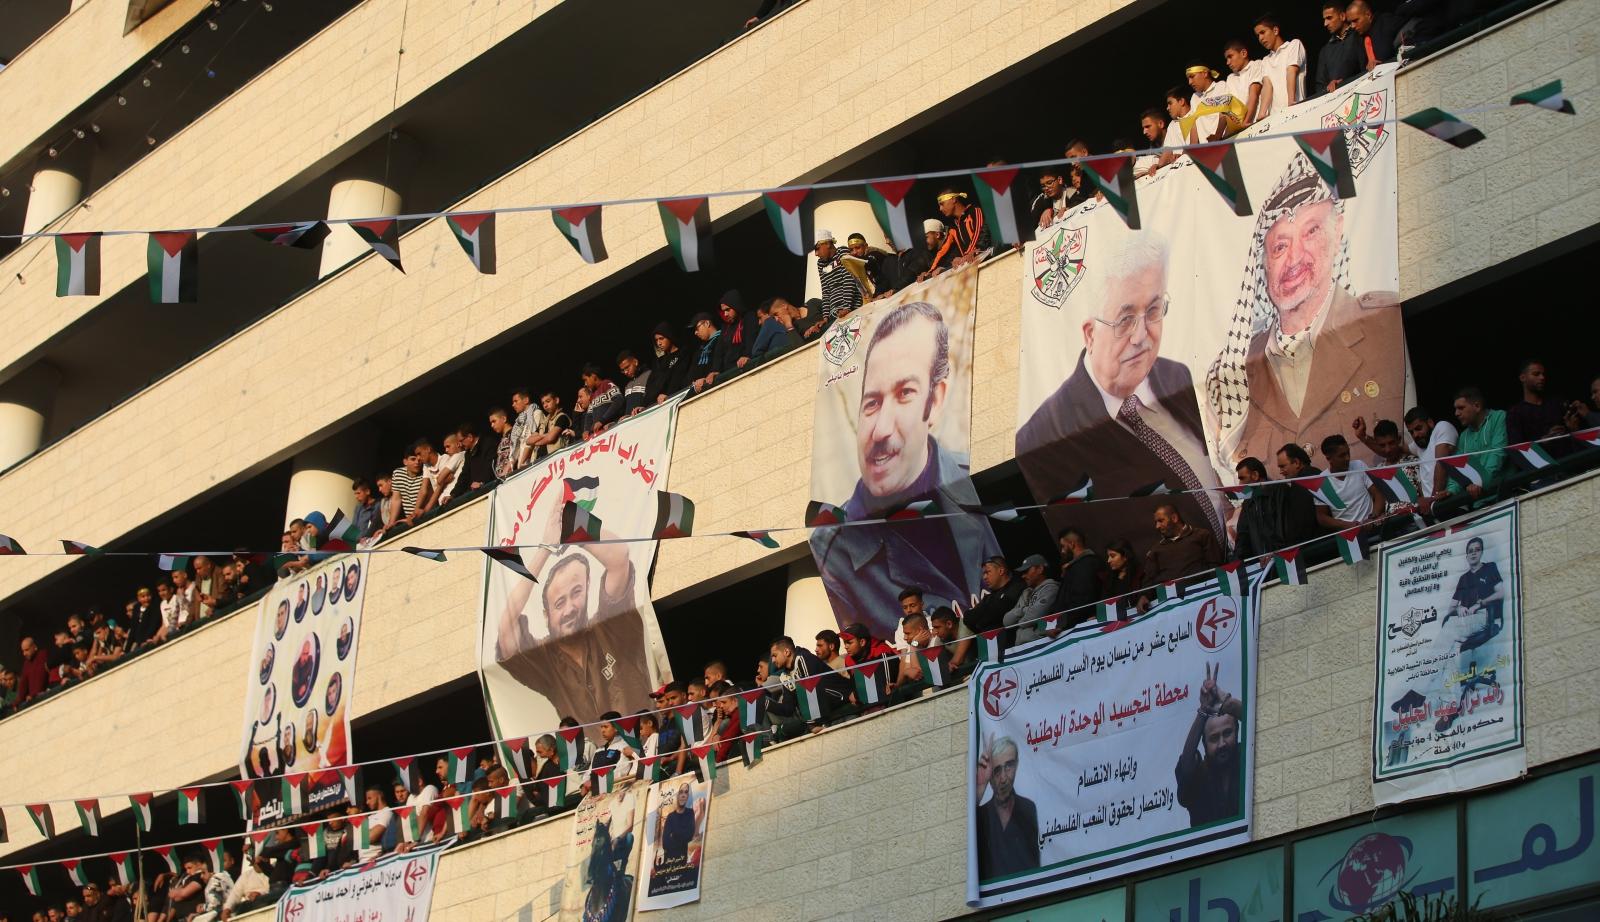 Palestyńczycy wywieszają portrety przetrzymywanych przez Izrael więźniów politycznych, Nablus, Zachodni Brzeg, Izrael.